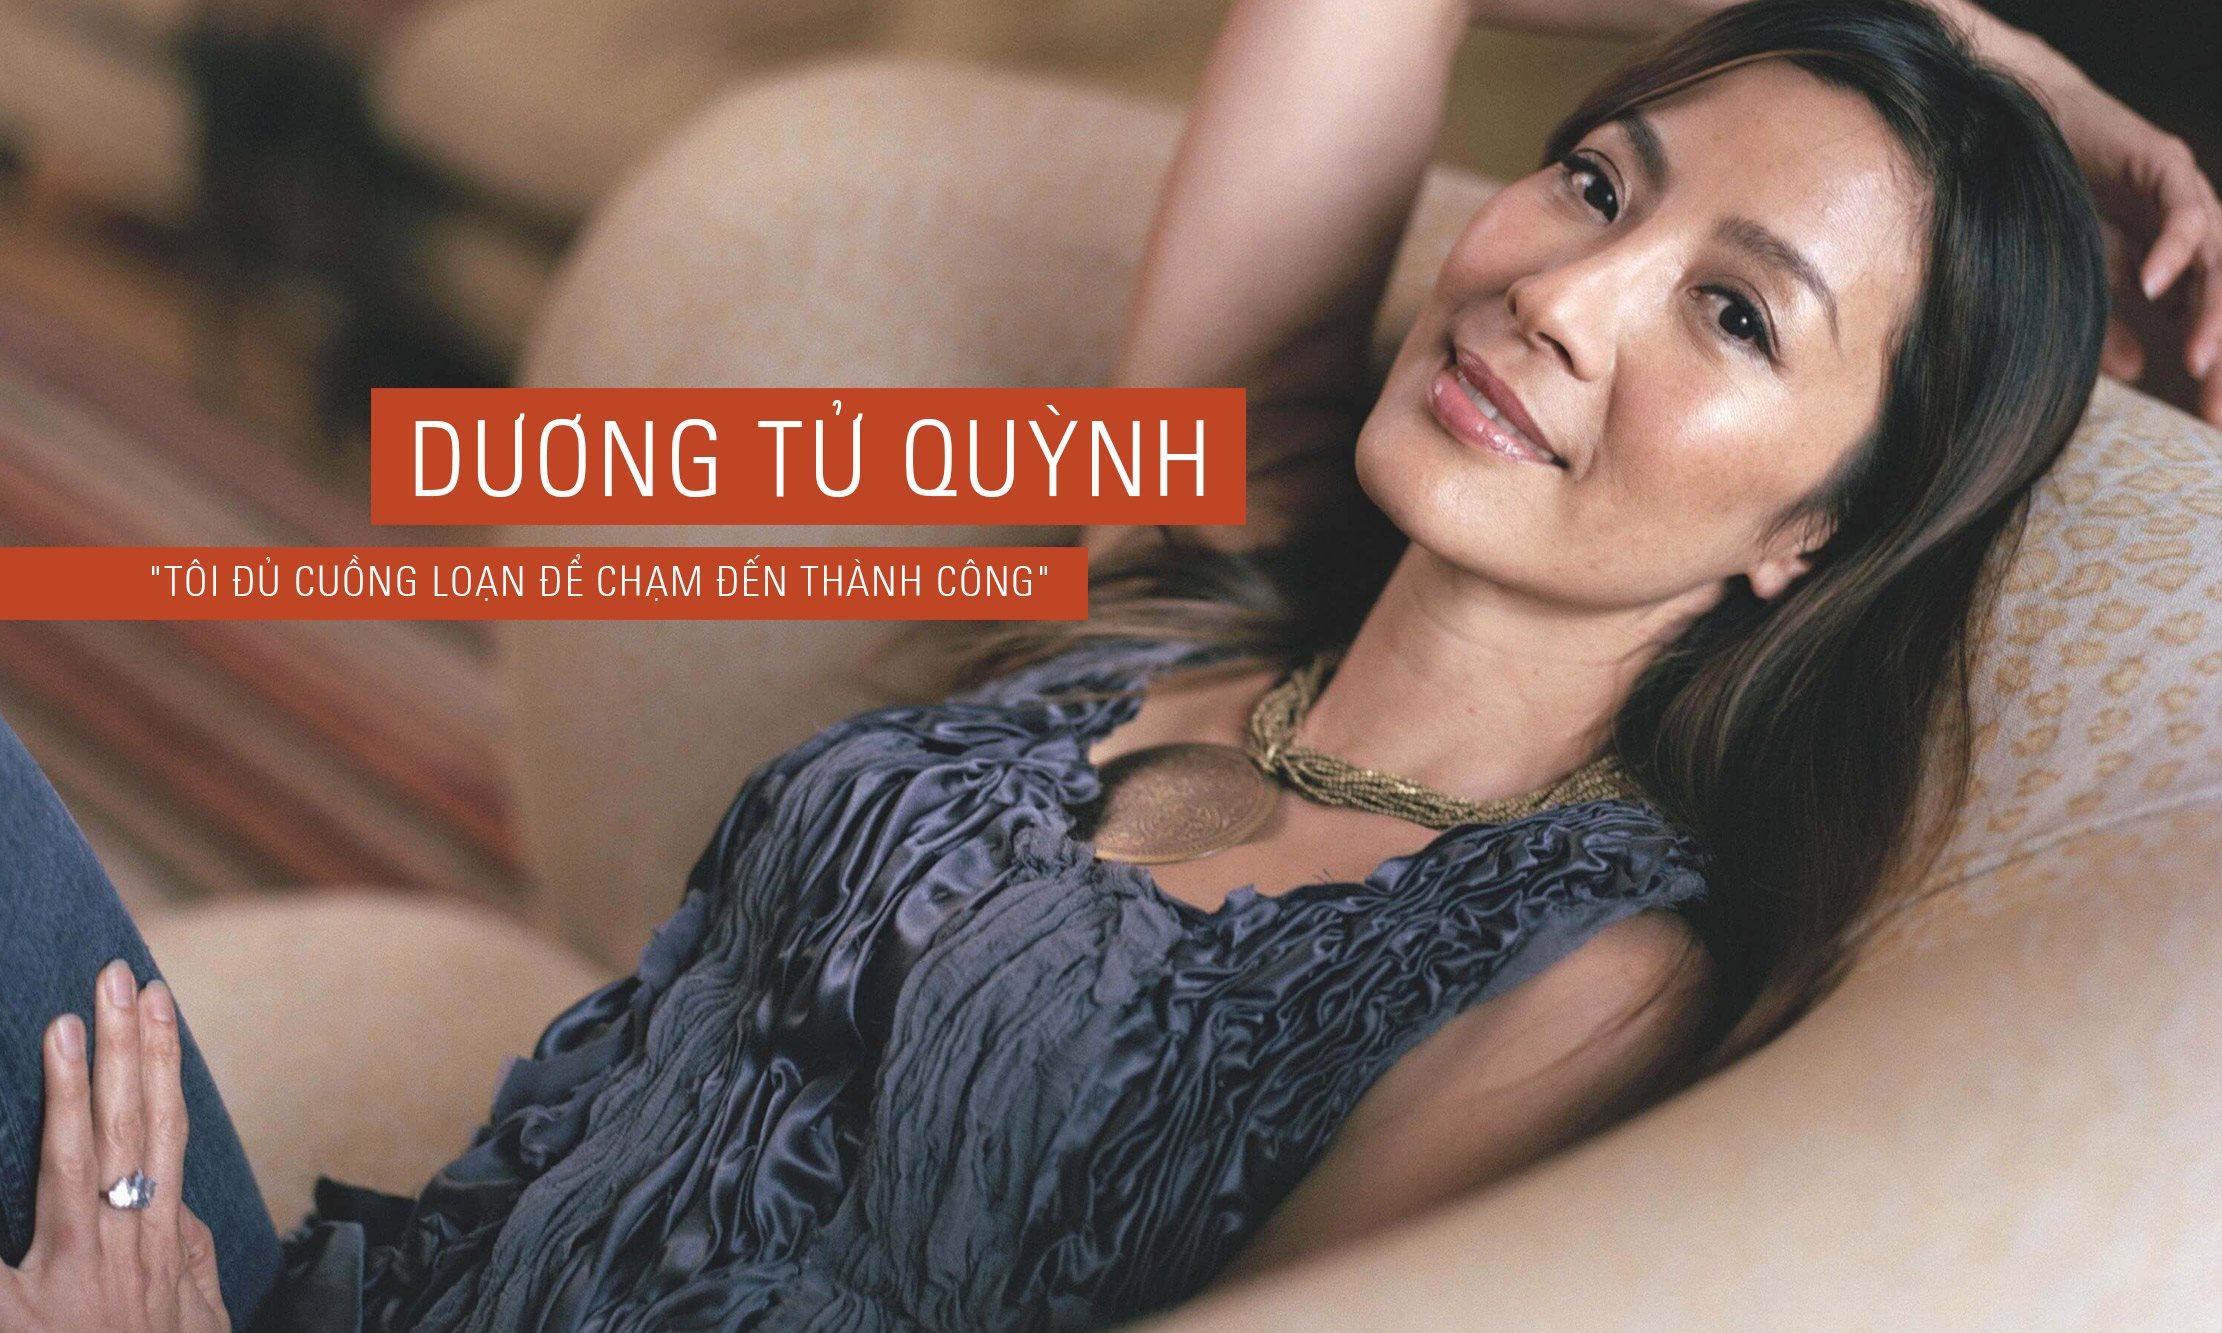 """Minh tinh châu Á tại Hollywood Dương Tử Quỳnh: """"Tôi đủ cuồng loạn để chạm đến thành công"""""""